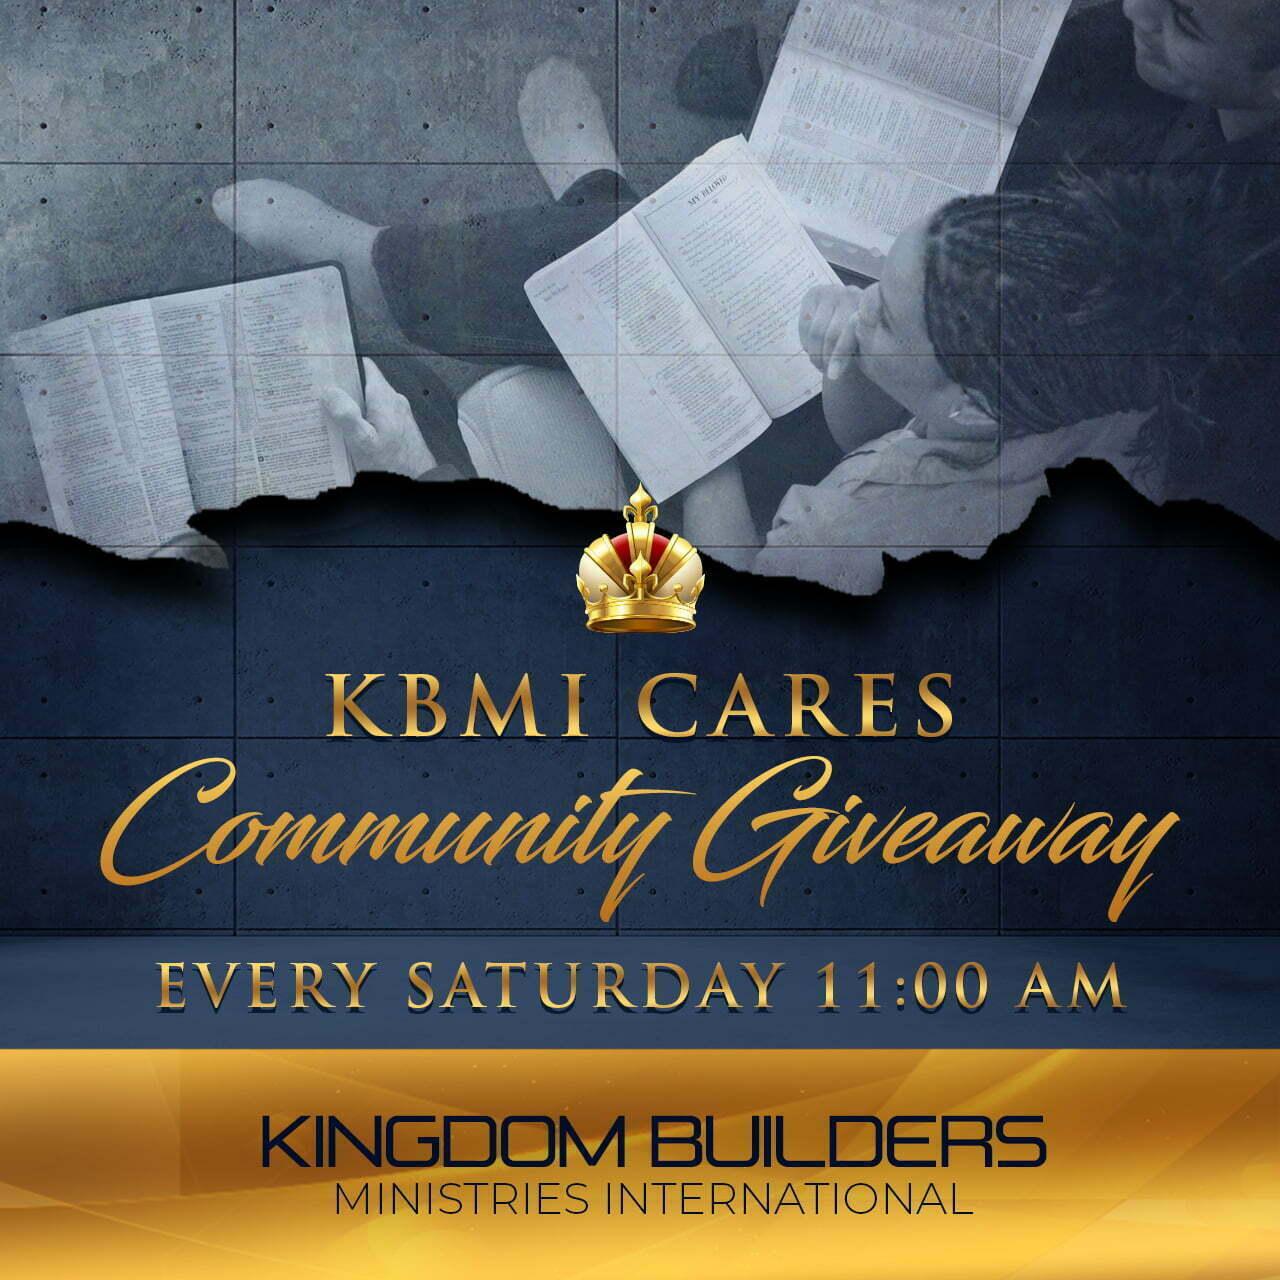 KBMI Cares - social